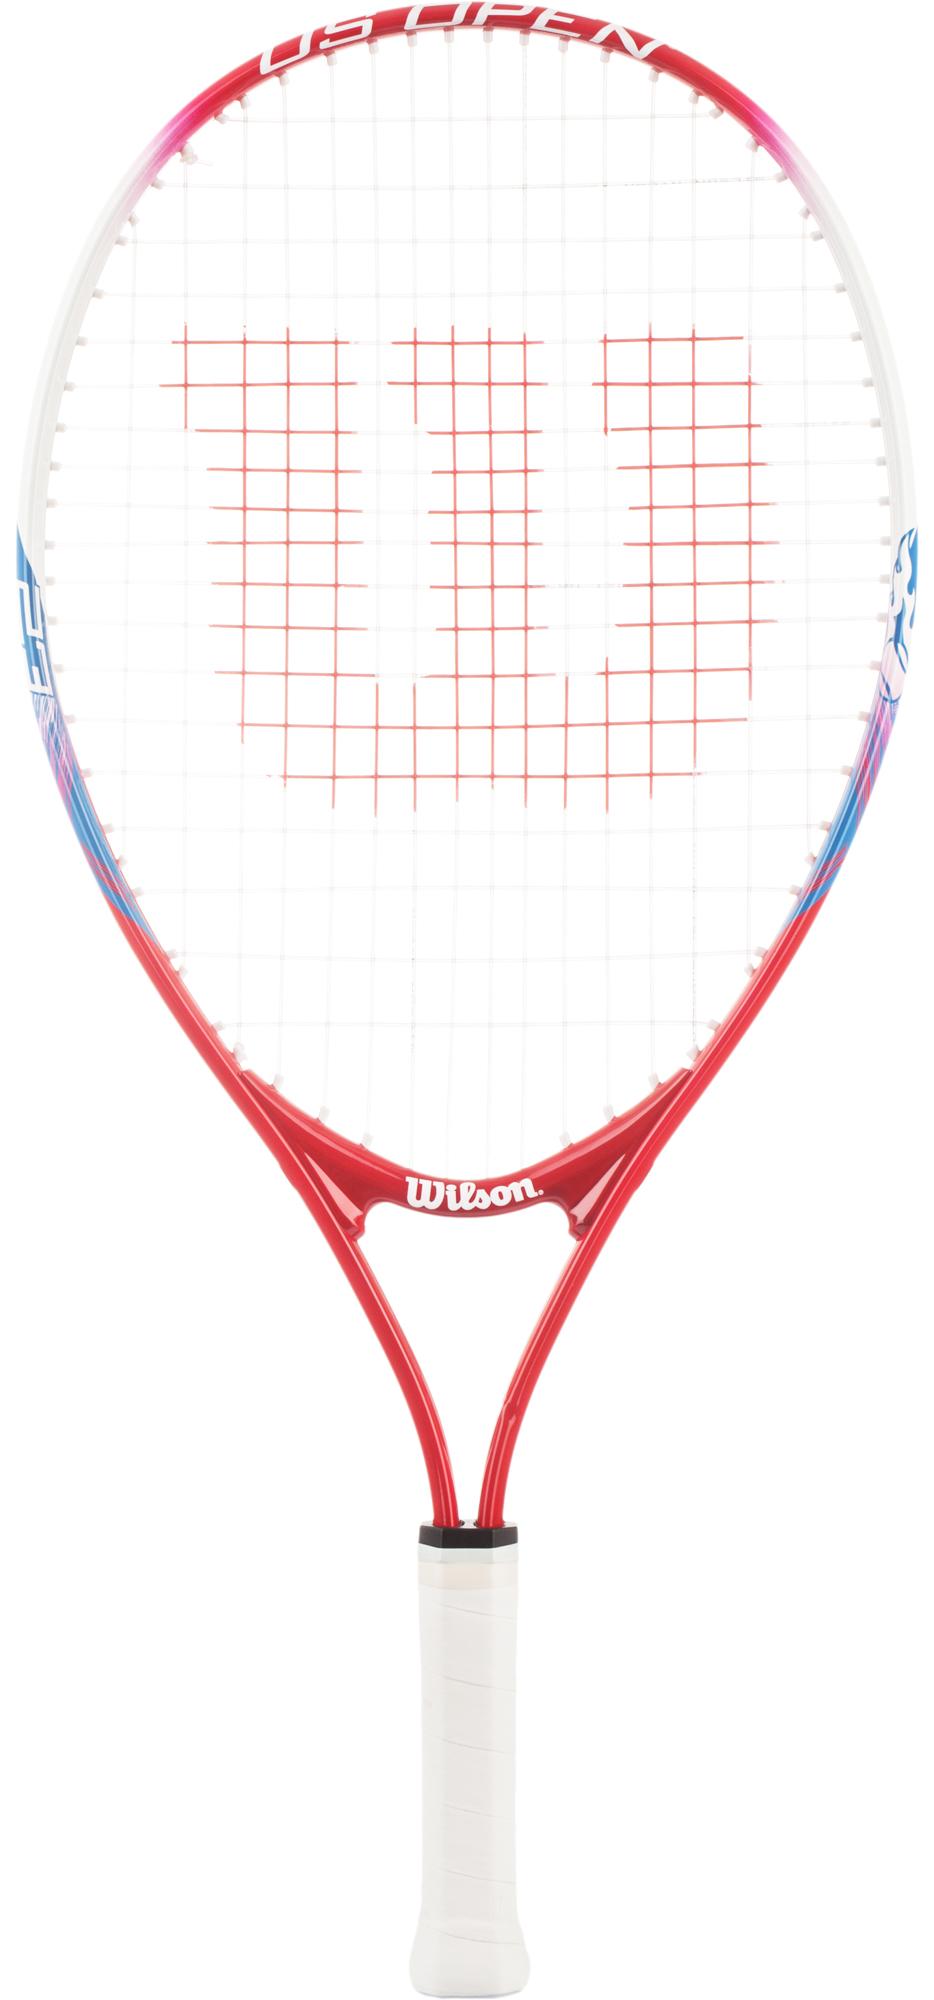 Wilson Ракетка для большого тенниса детская Wilson US Open 23 wilson набор мячей для большого тенниса wilson australian open 3 ball can размер без размера